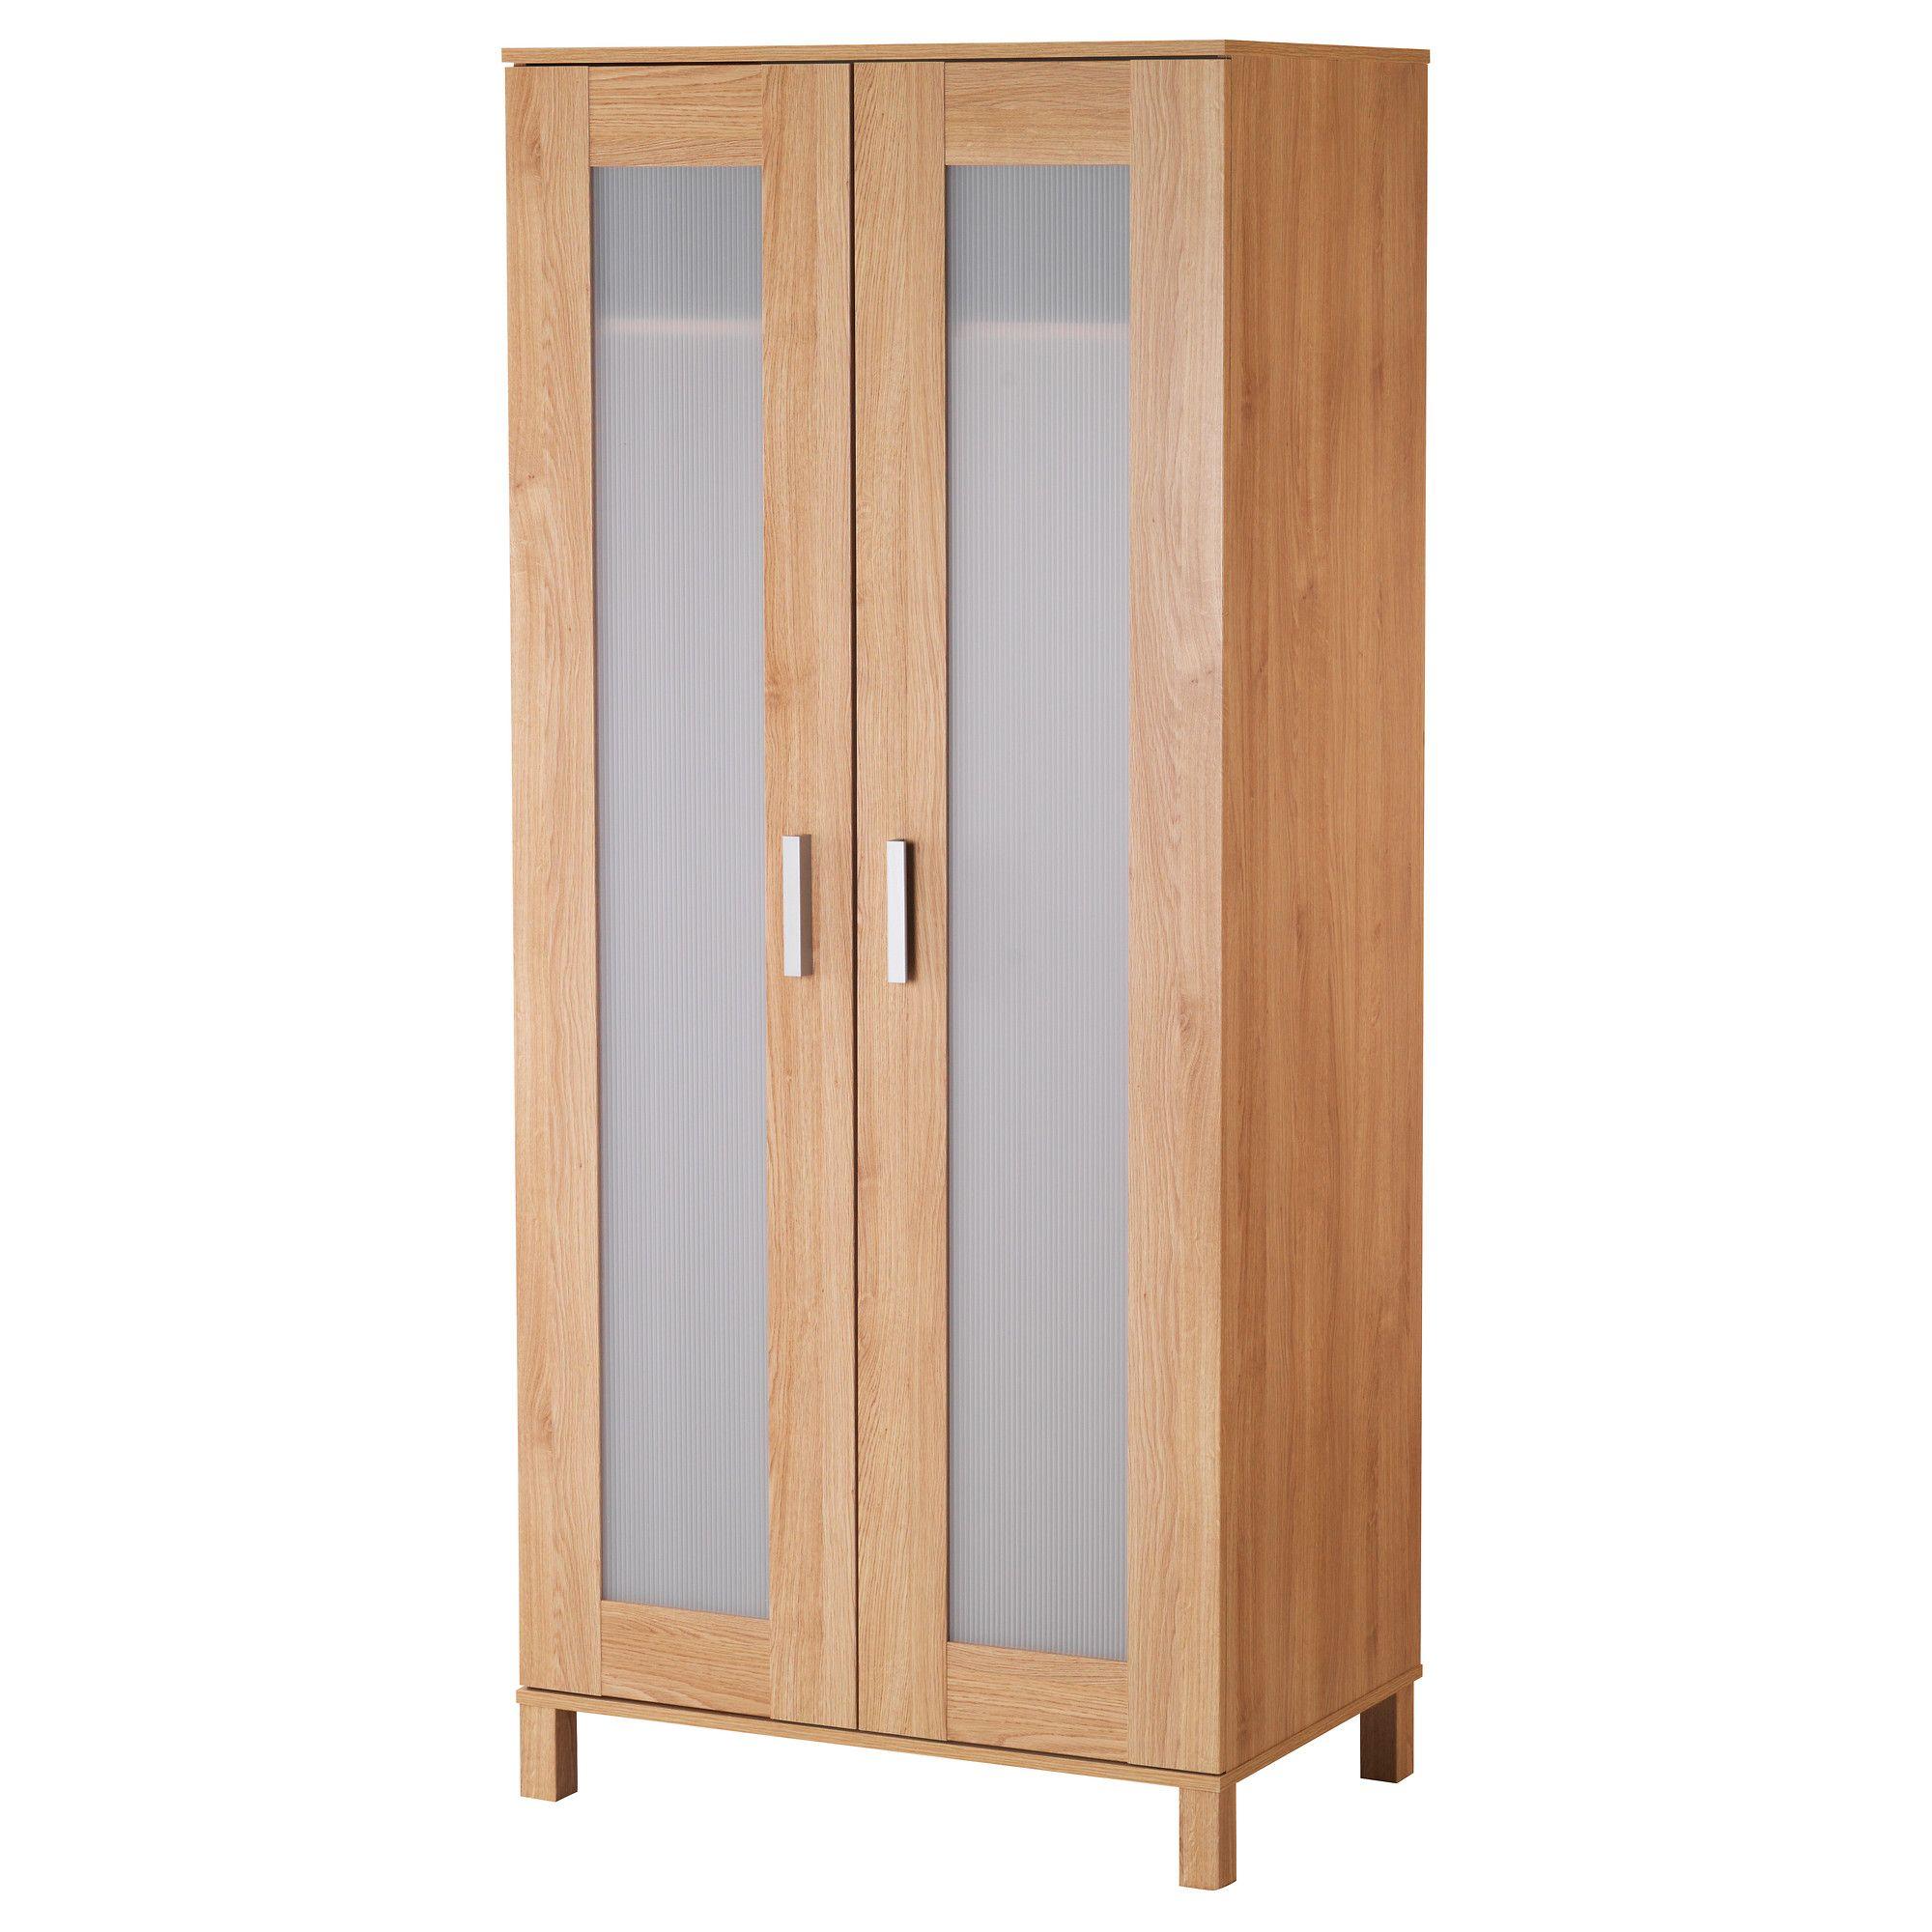 AUSTMARKA Wardrobe oak effect IKEA Wardrobes